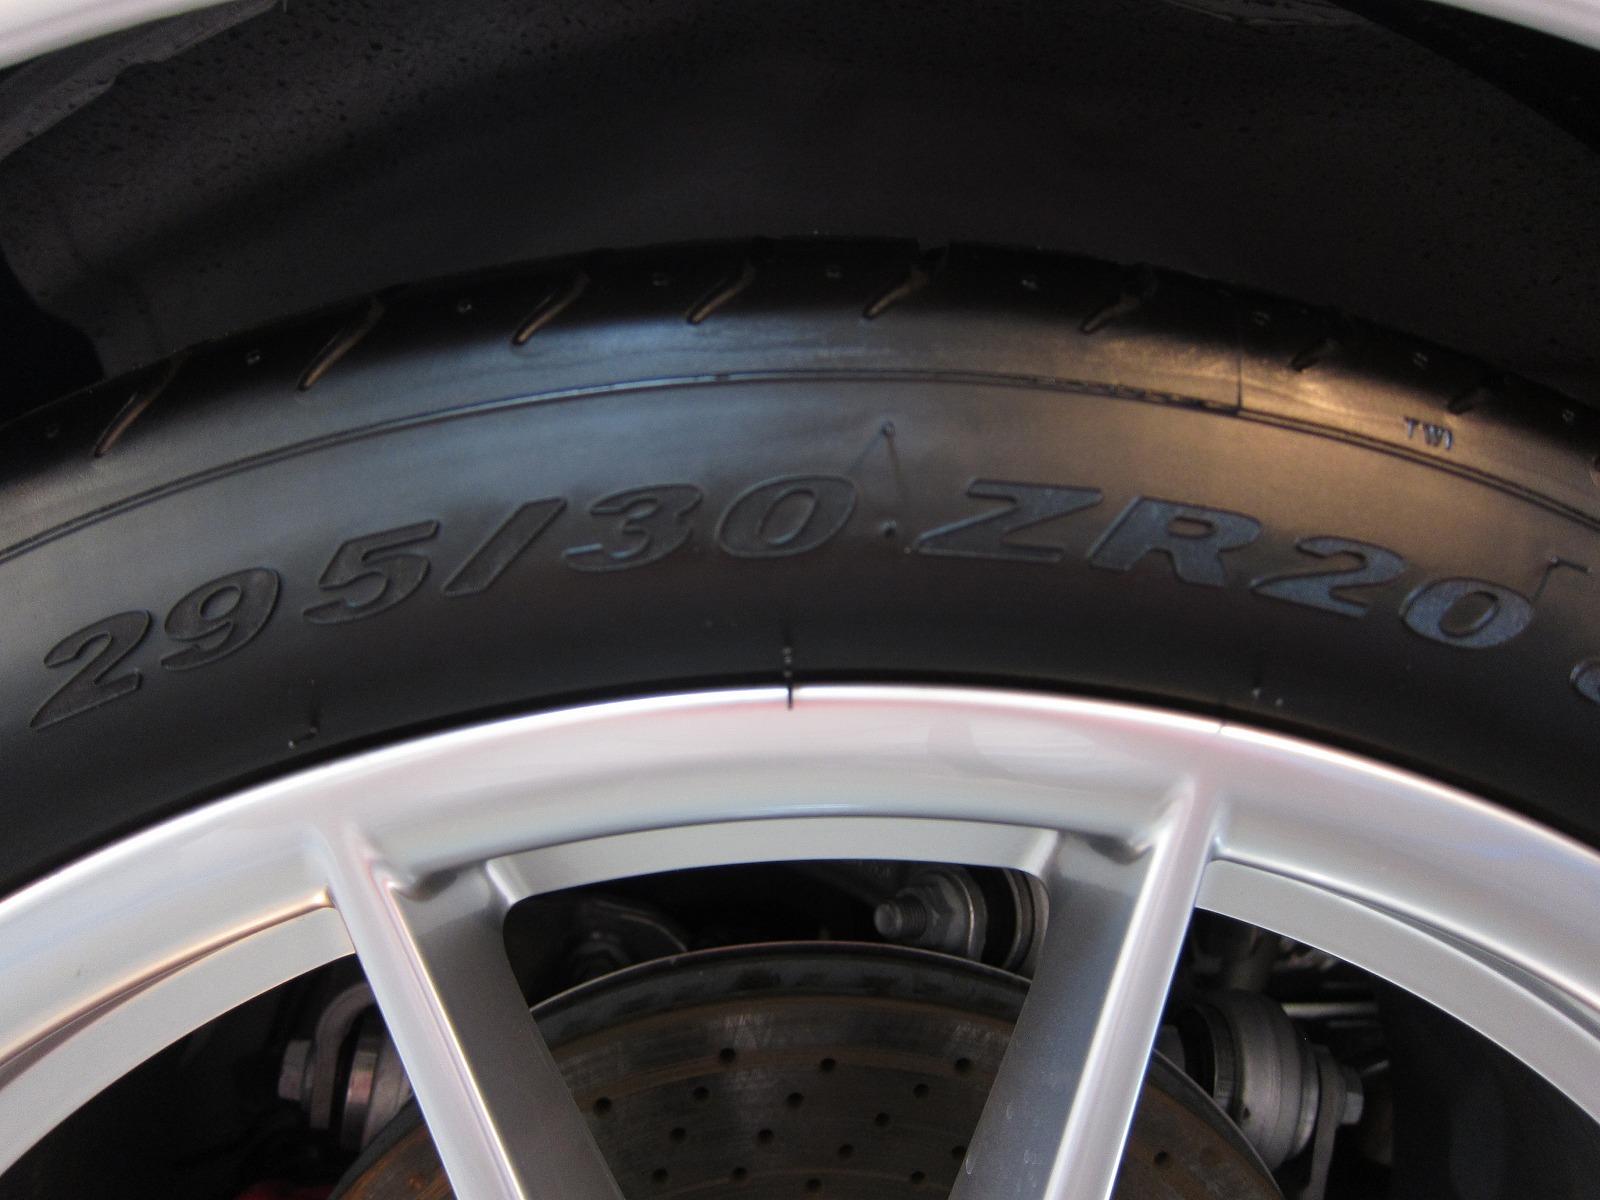 120929-porsche-911-carreras-991-13